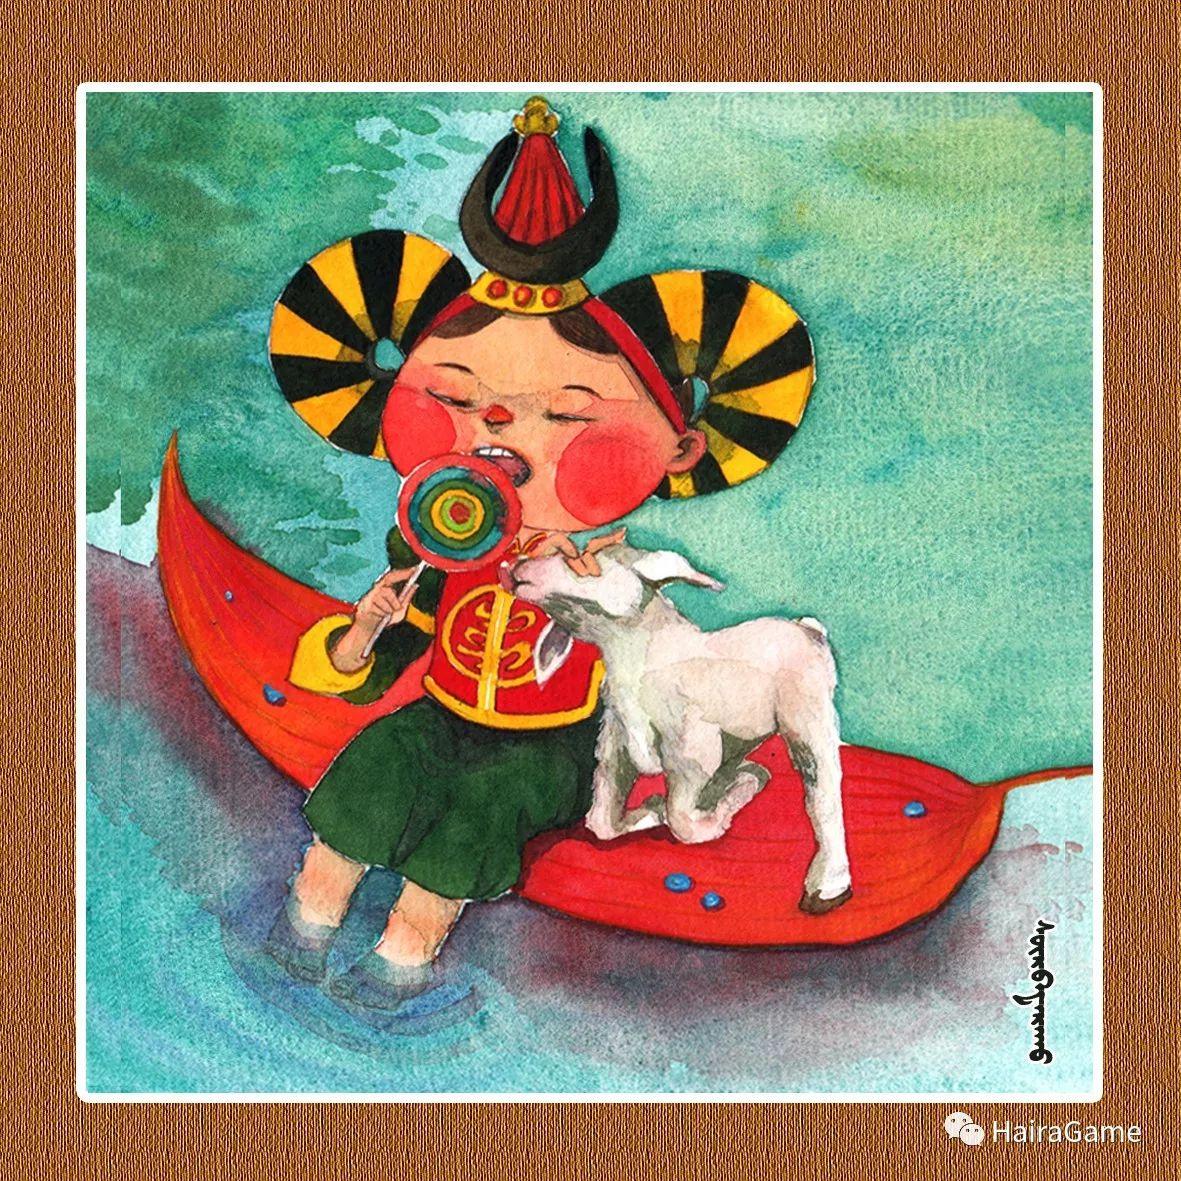 可爱的蒙古宝贝2:诺敏和清赫尔· Surbadarah(原创插画) 第7张